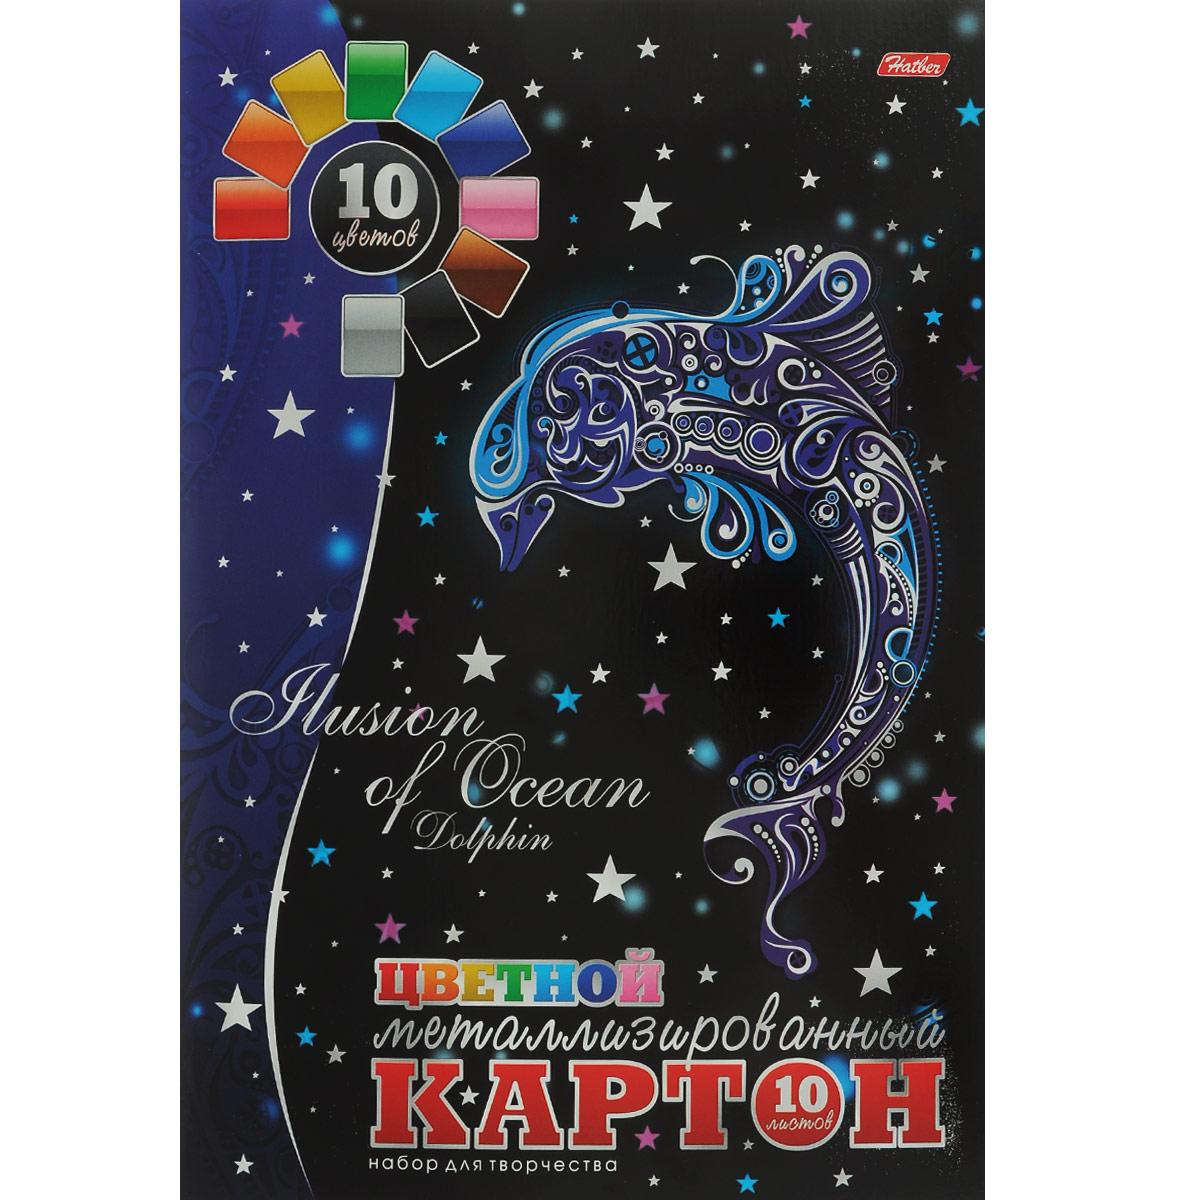 Картон цветной Hatber Дельфин, металлизированный, 10 цв, формат А410Кц4мт_08844Картон цветной Hatber Дельфин, металлизированный, позволит создавать всевозможные аппликации и поделки. Набор включает 10 листов одностороннего цветного картона формата А4. Цвета: красный, серебристый, синий, коричневый, черный, золотистый, светло - коричневый, зеленый, фиолетовый, желтый. Создание поделок из цветного картона позволяет ребенку развивать творческие способности, кроме того, это увлекательный досуг.